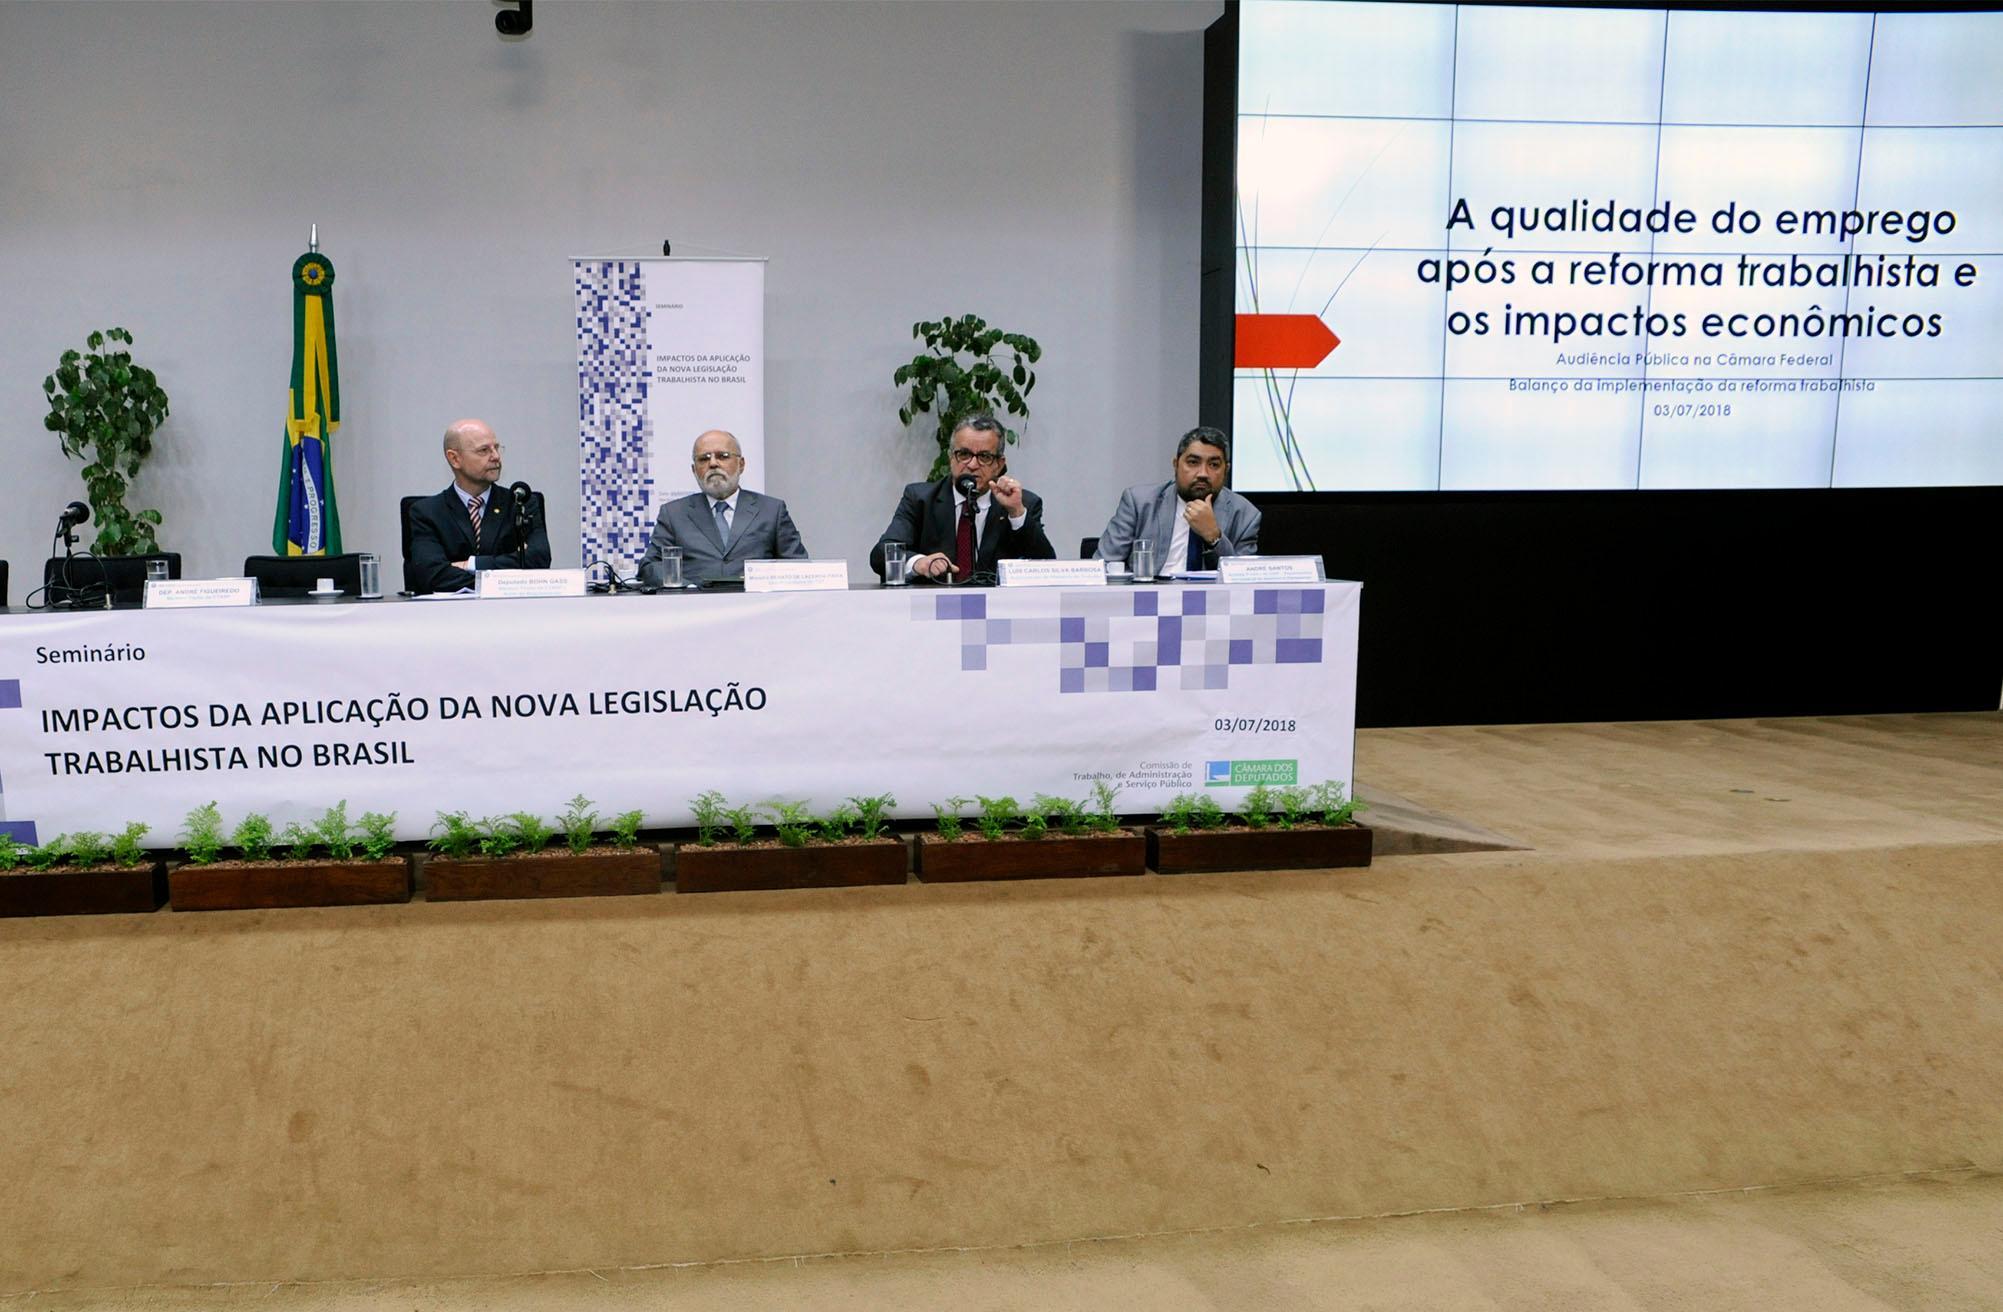 Seminário: Impactos da Aplicação da Nova Legislação Trabalhista no Brasil